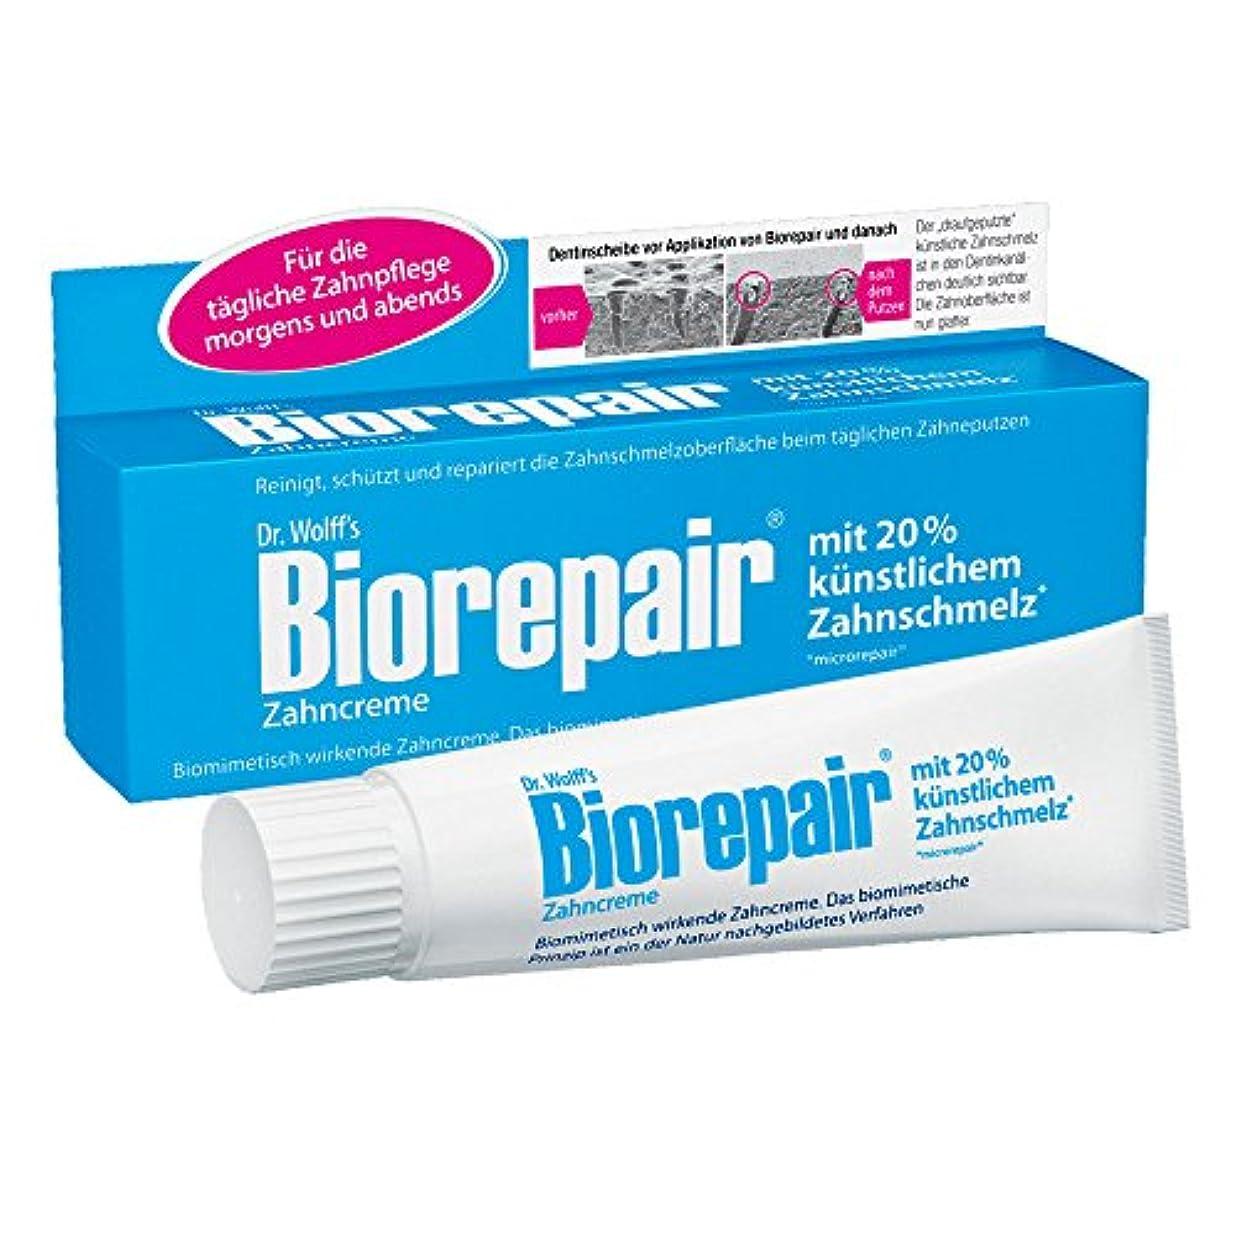 ペイント裁判所公式Biorepair 歯磨き粉オリジナル、75ml(1pack) 歯の保護 耐摩耗性 1pack [並行輸入品]